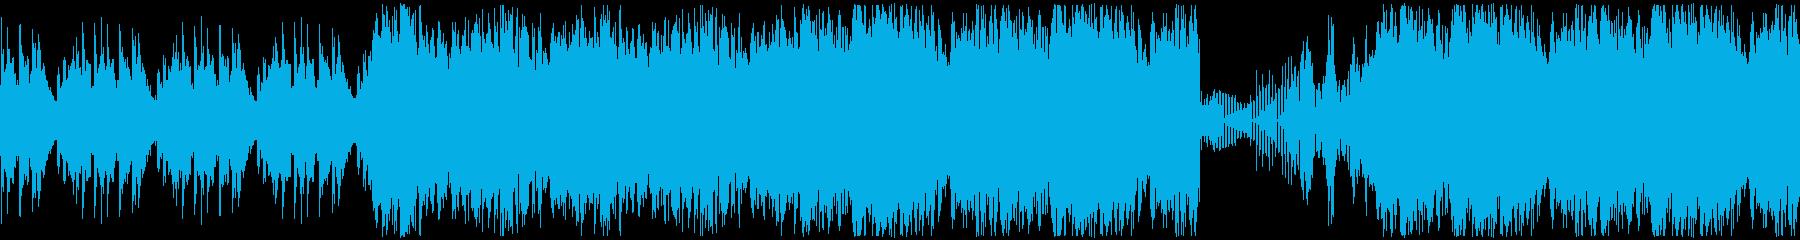 【映画/ストリングス/序章/バトル】の再生済みの波形